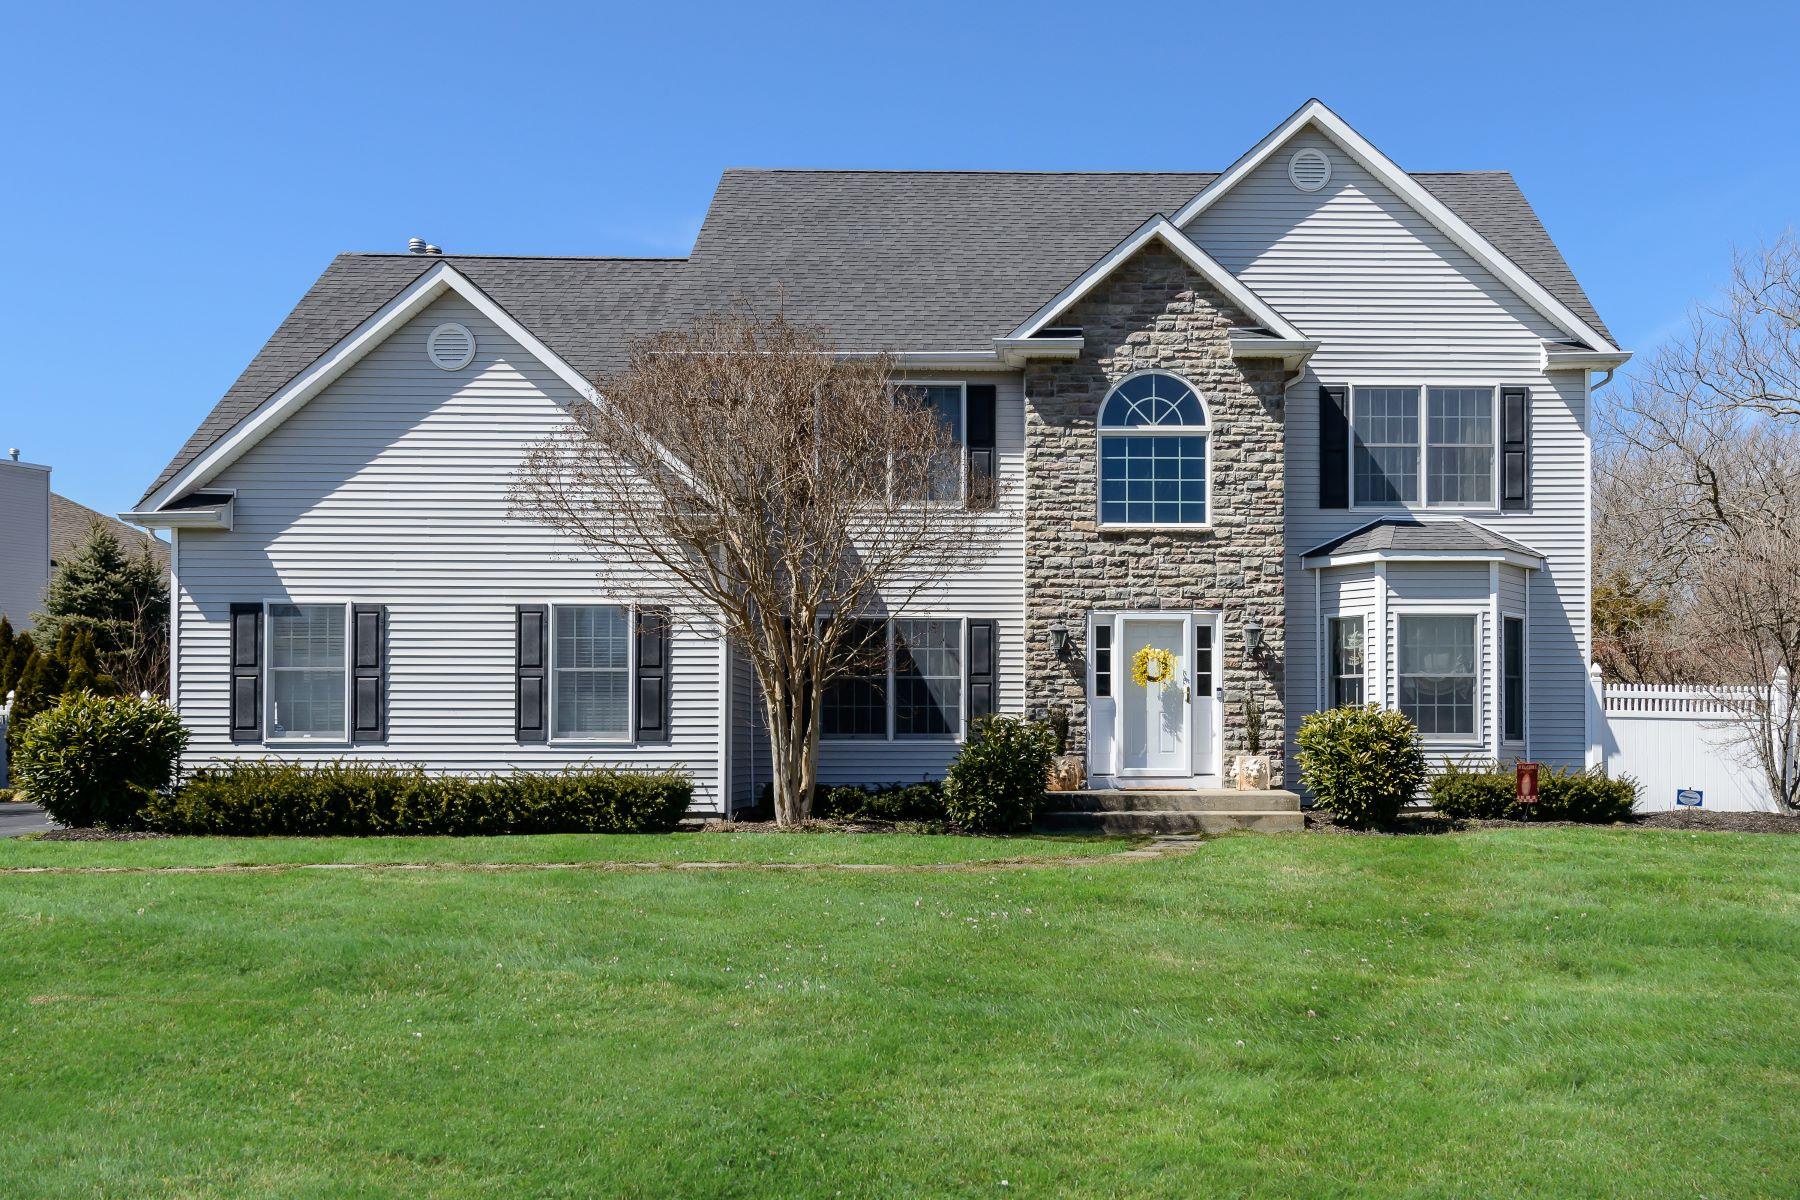 Villa per Vendita alle ore Colonial 6 Nursery Ct Huntington, New York, 11743 Stati Uniti